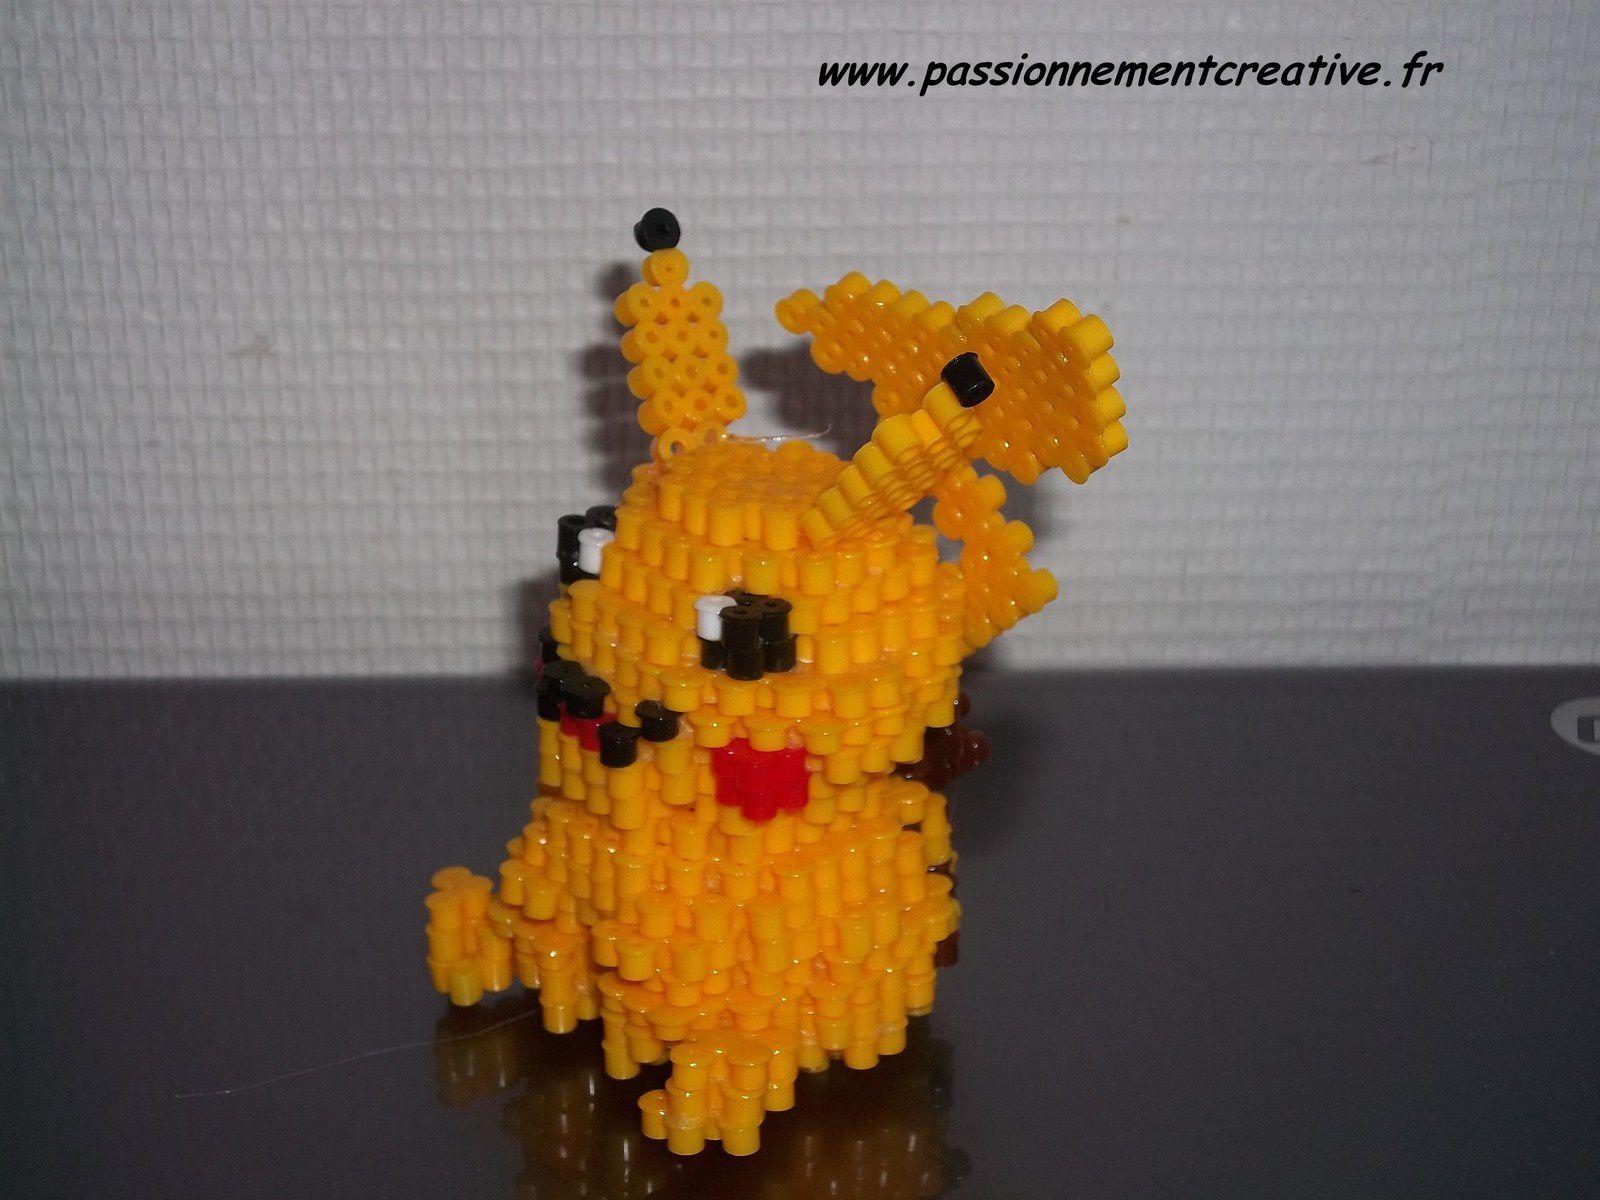 Pikachu En Perles Hama Passionnement Créative